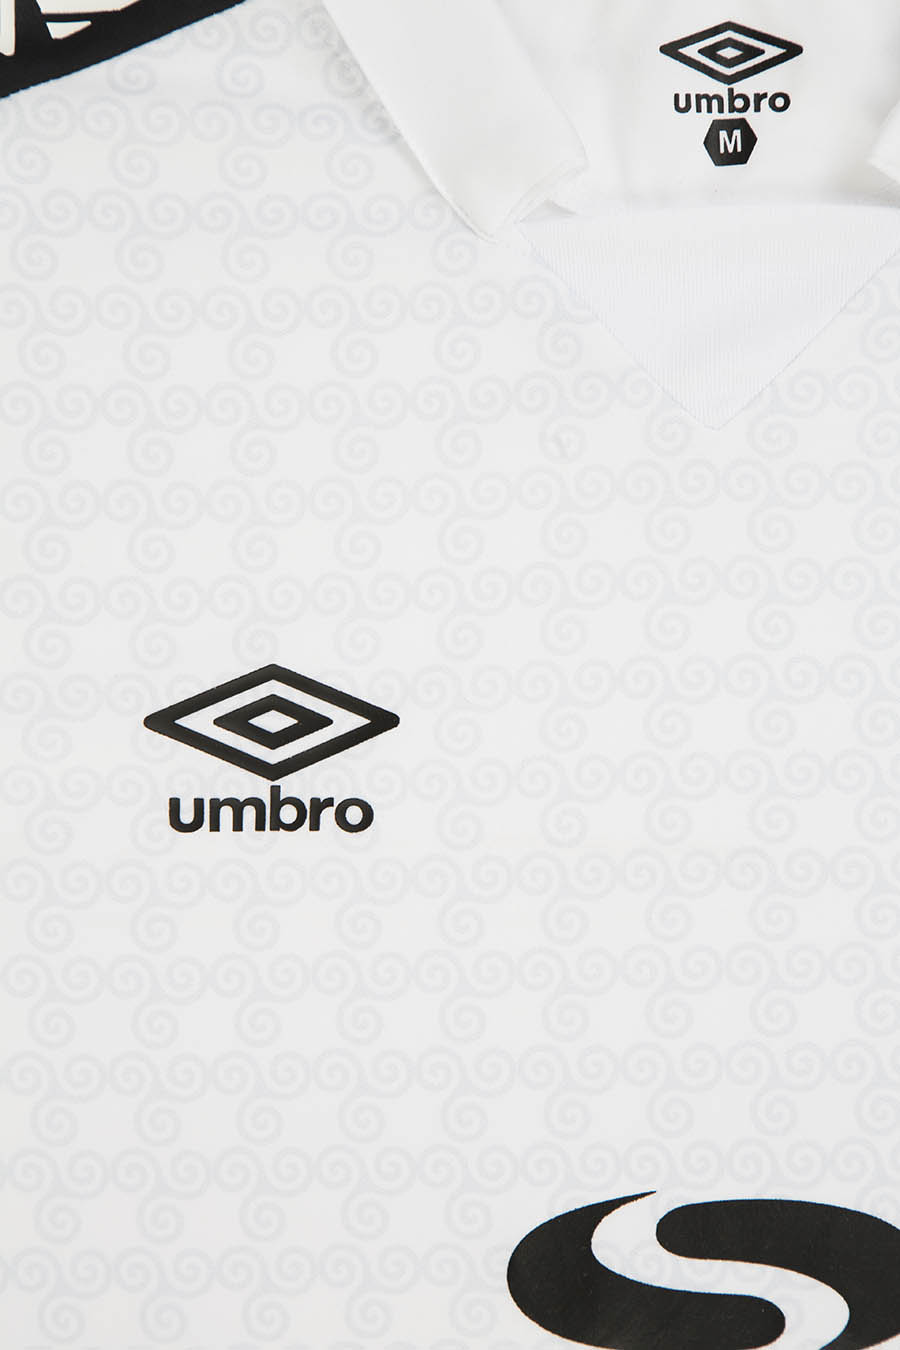 Umbro x EA Guingamp Saison 2019-20 - Kit Away